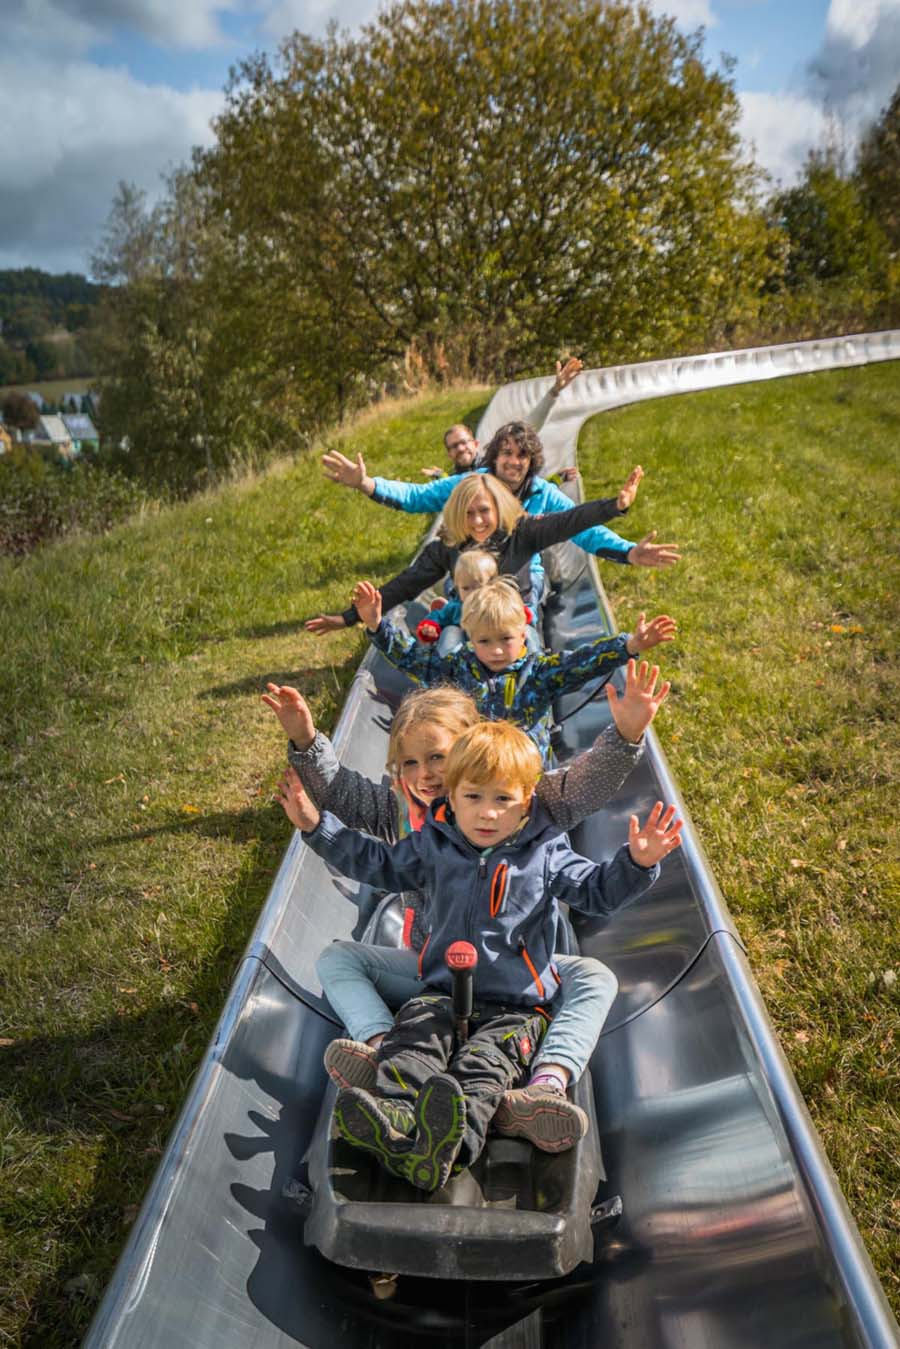 Erlebniswelt Seiffen - Sommerrodelbahn, Spaß für die ganze Familie